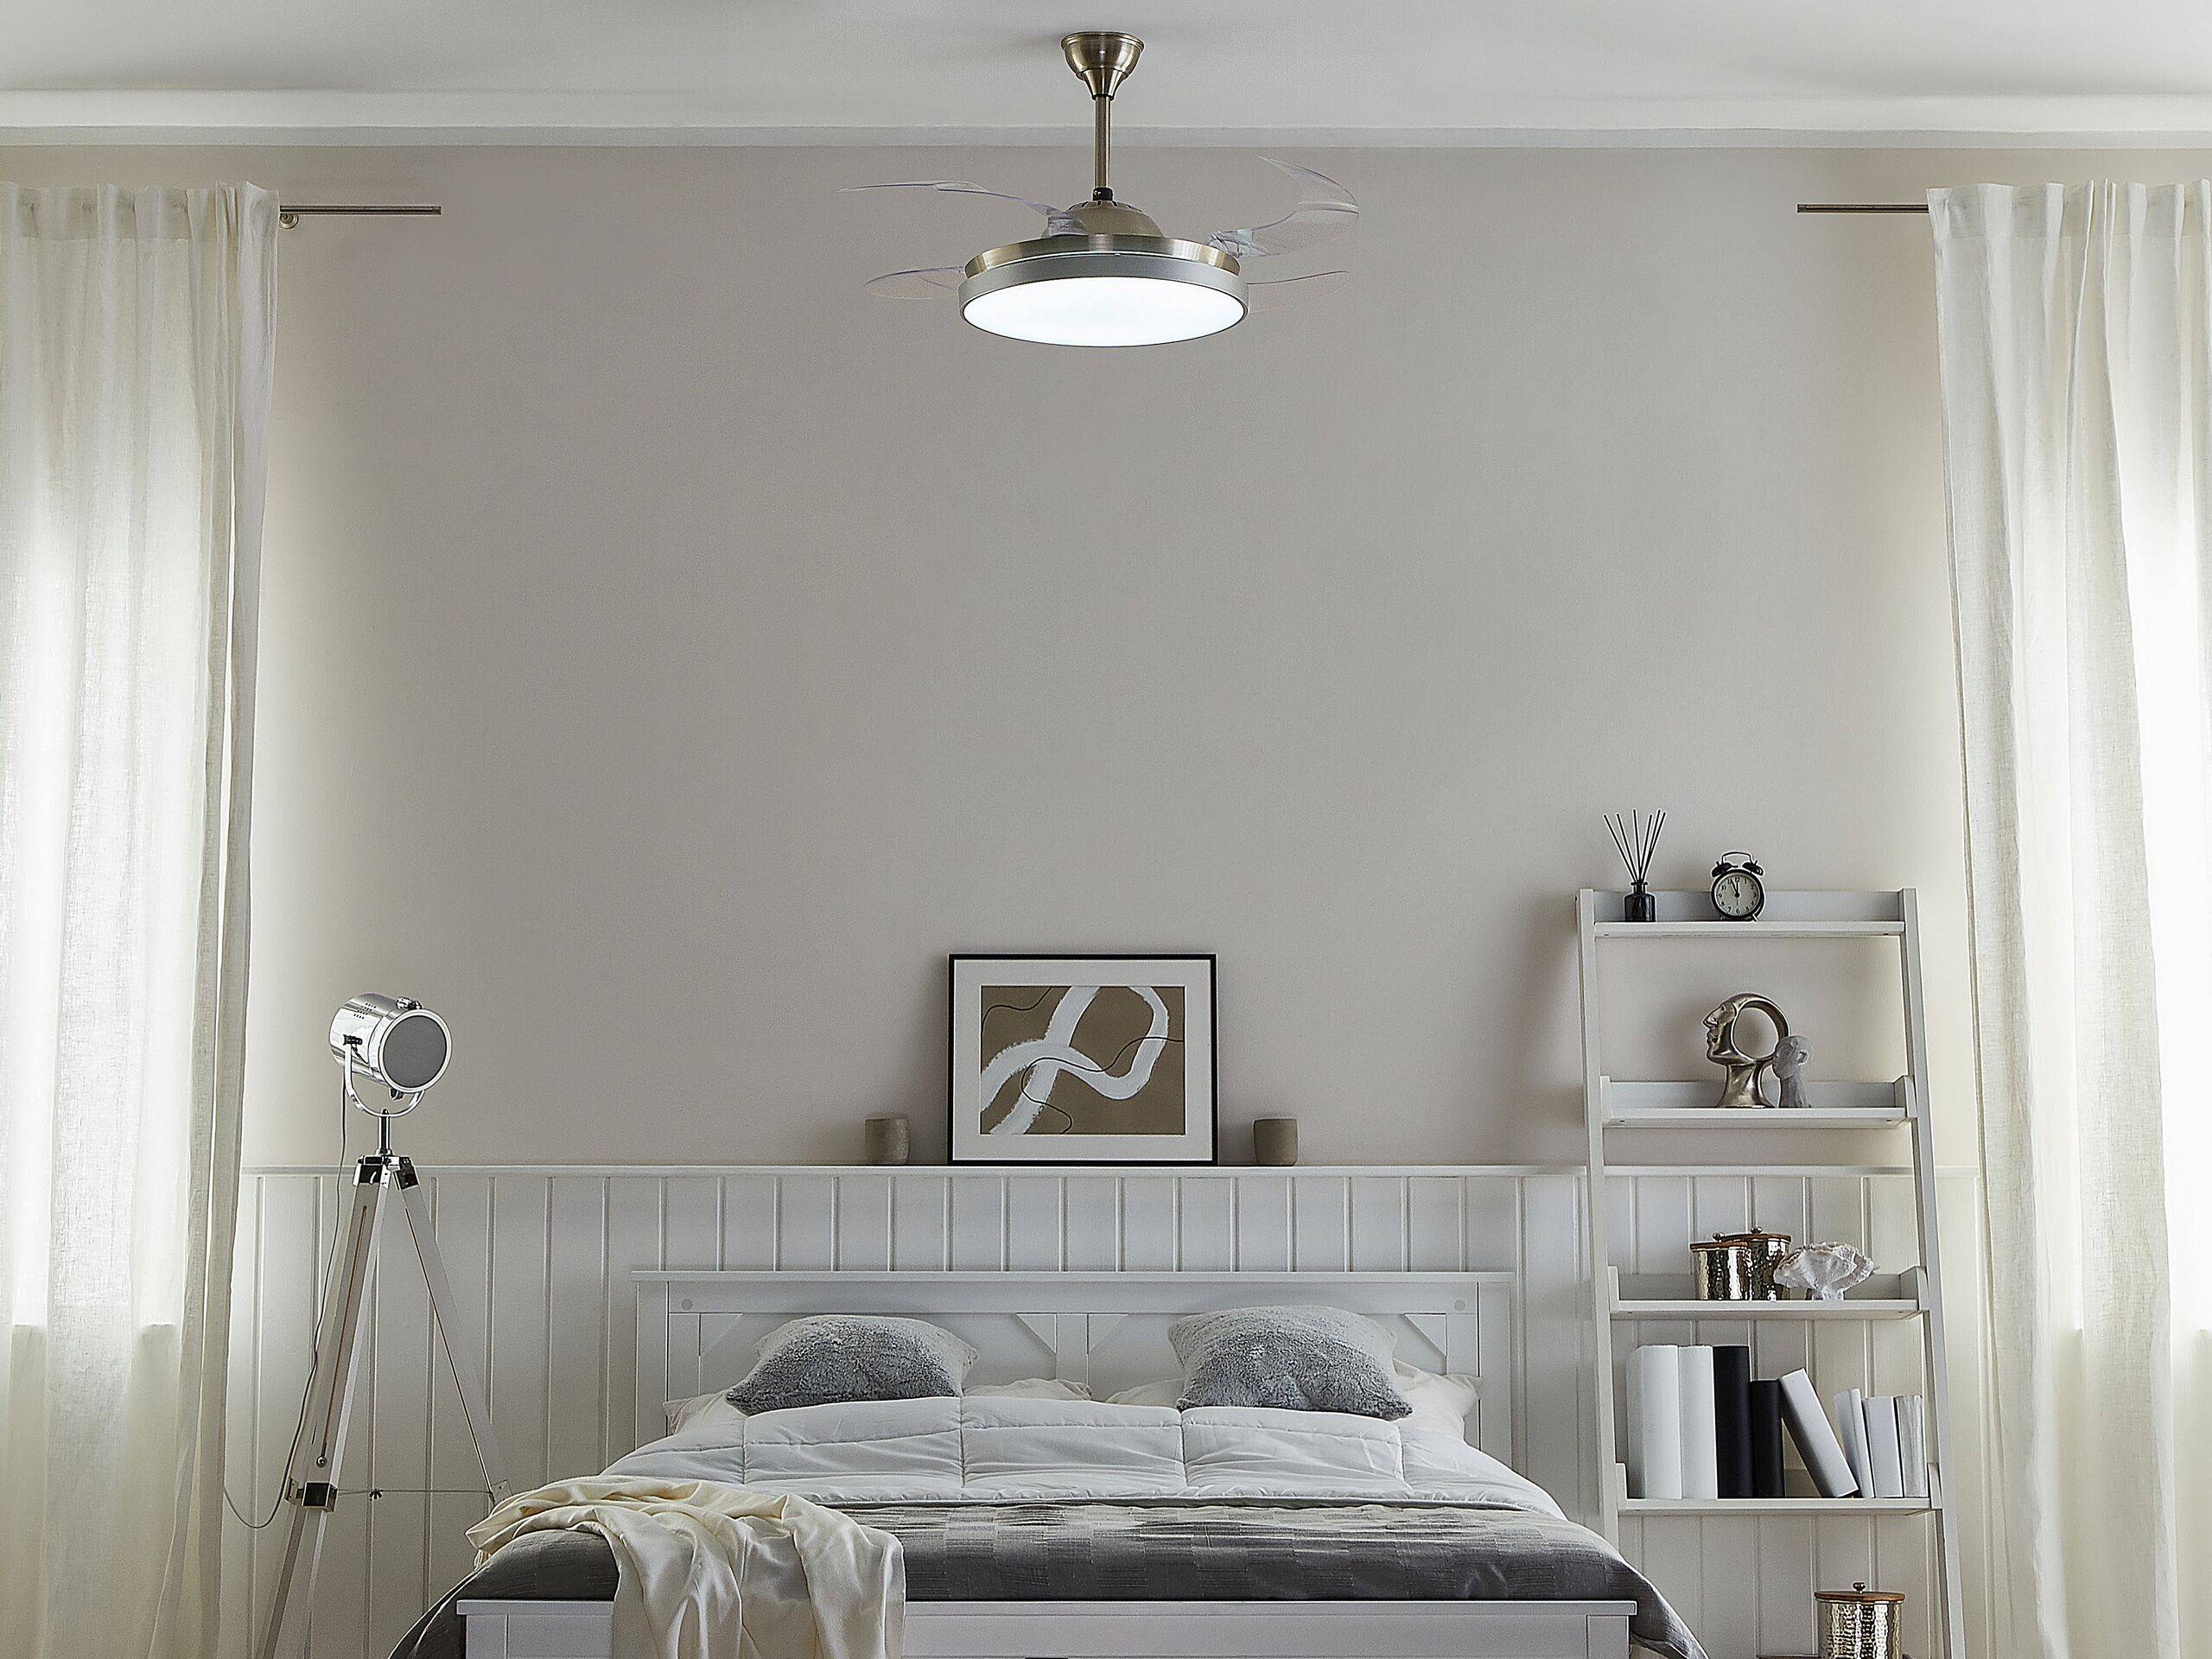 beliani ventilatore da soffitto metallo argento pale trasparenti e telecomando